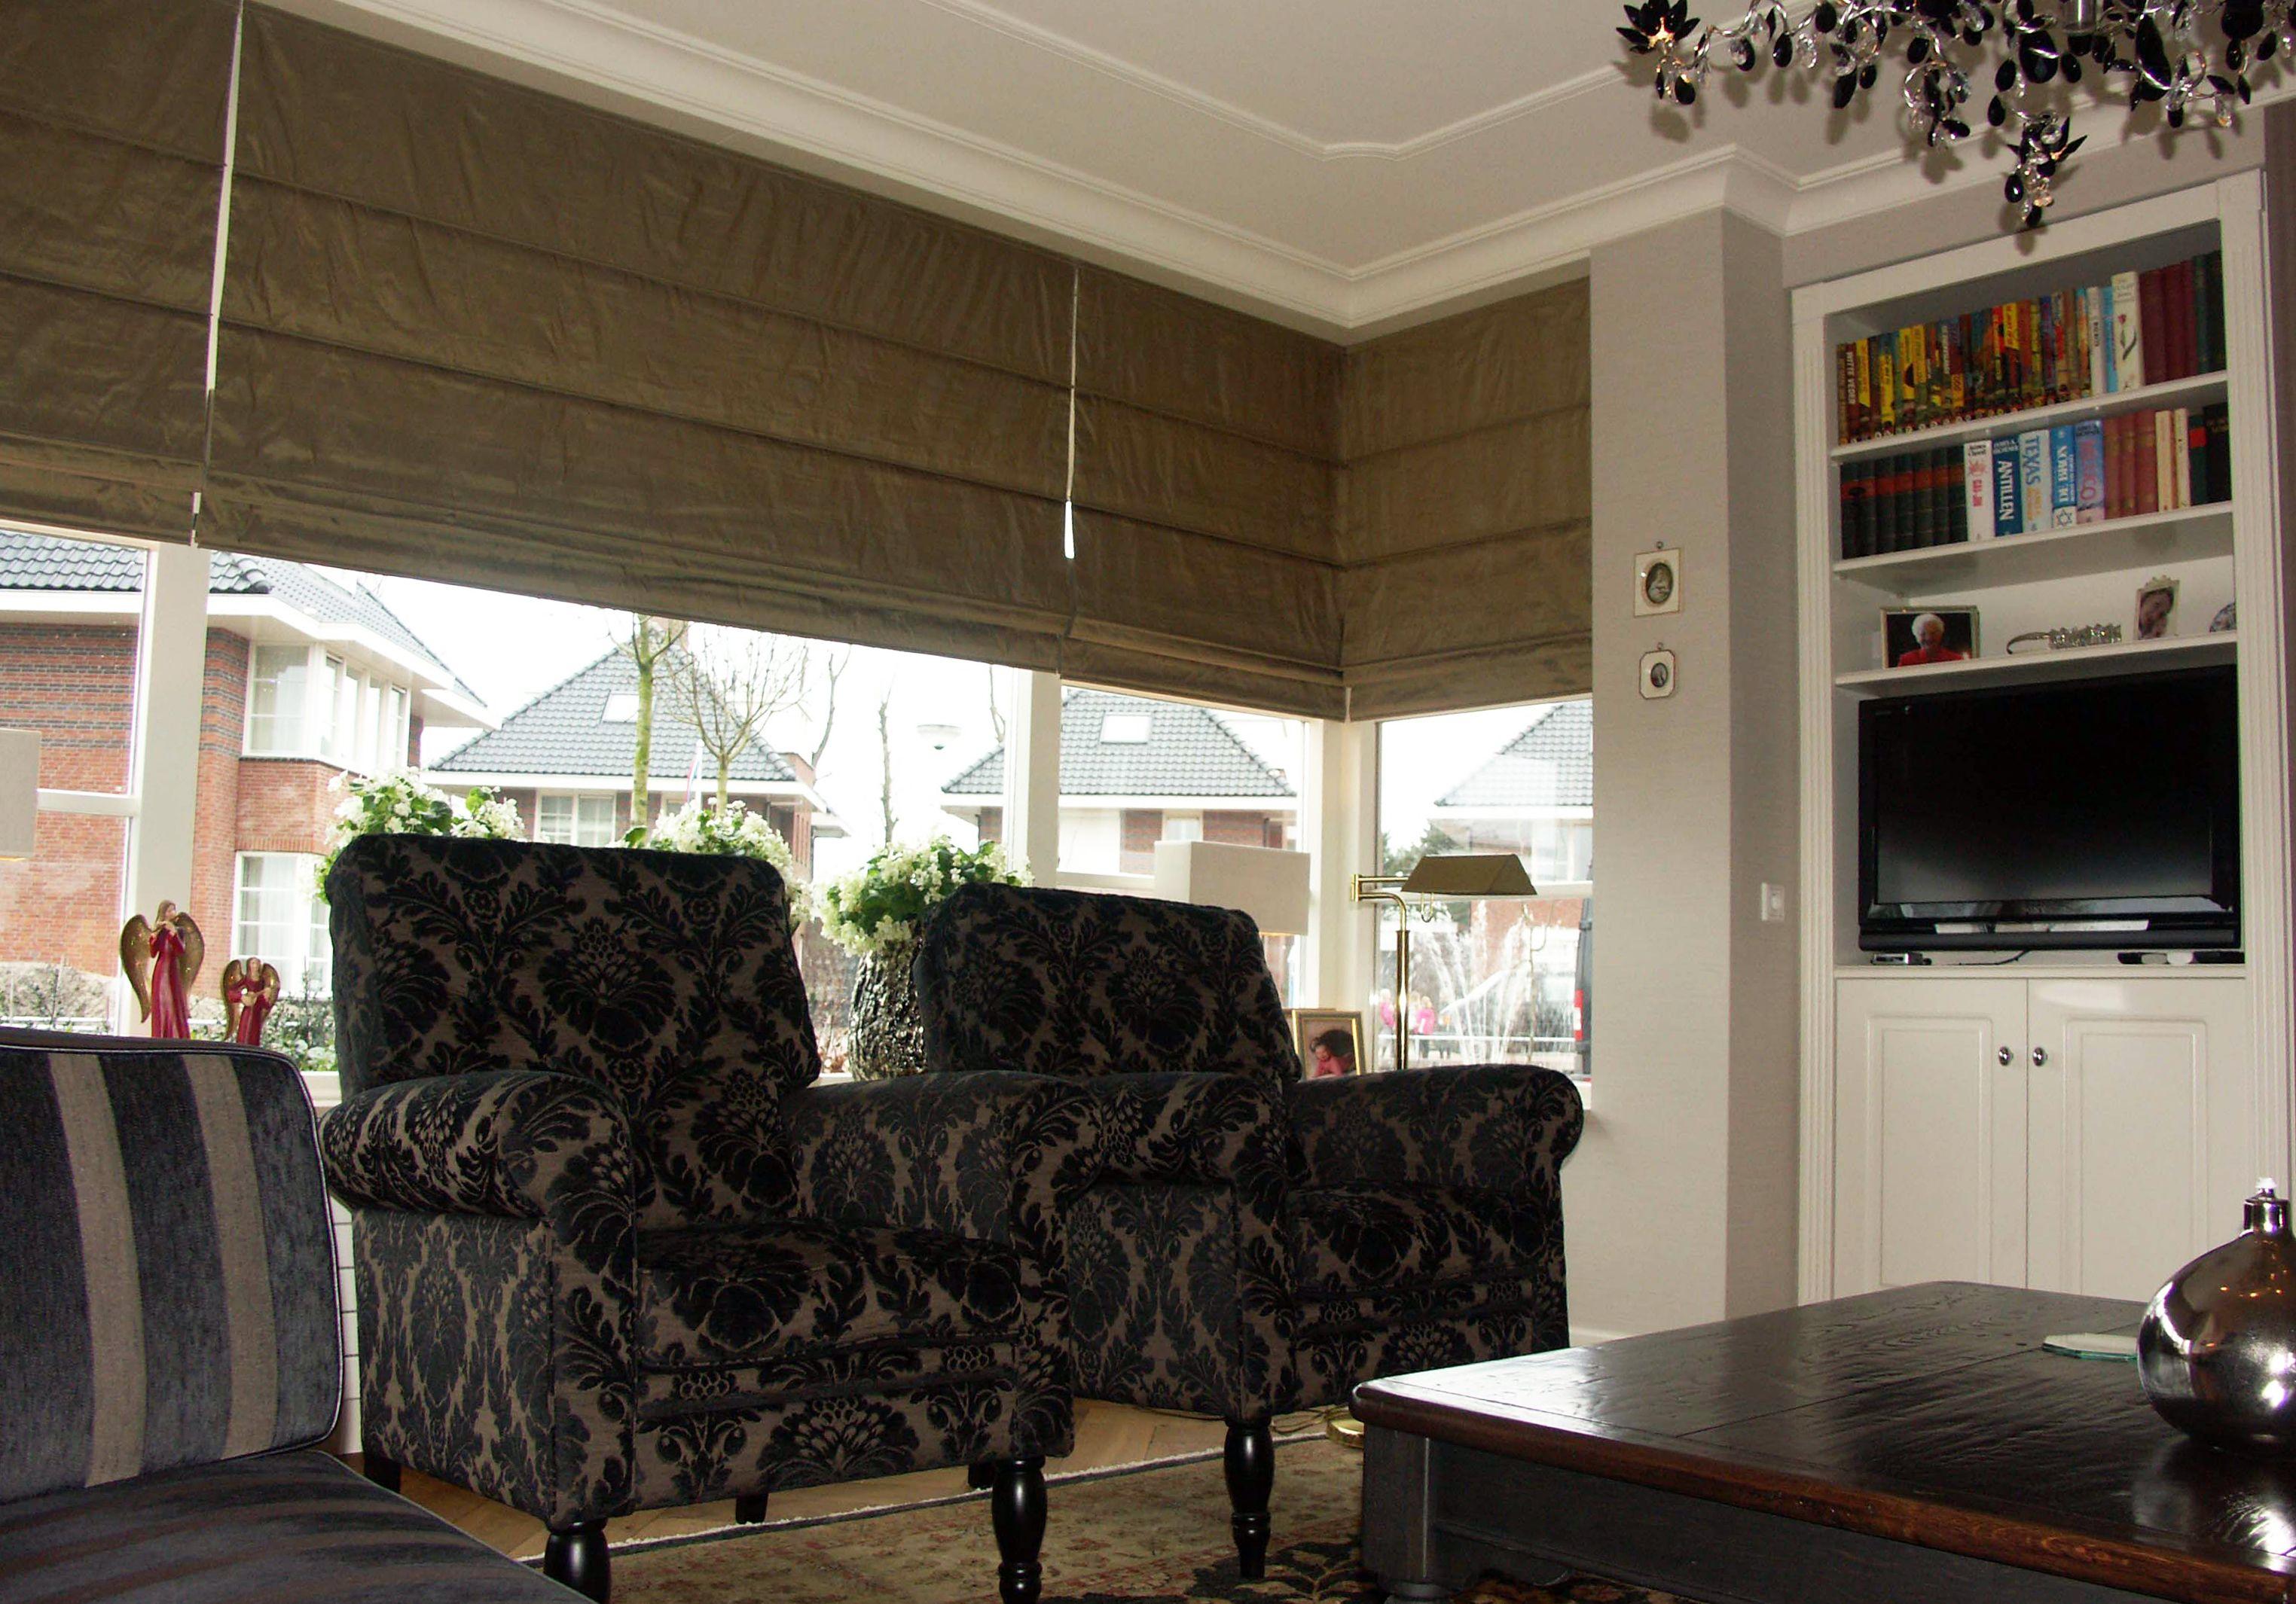 Maatwerk kasten, stoffering, meubels, behang, karpet en vloer